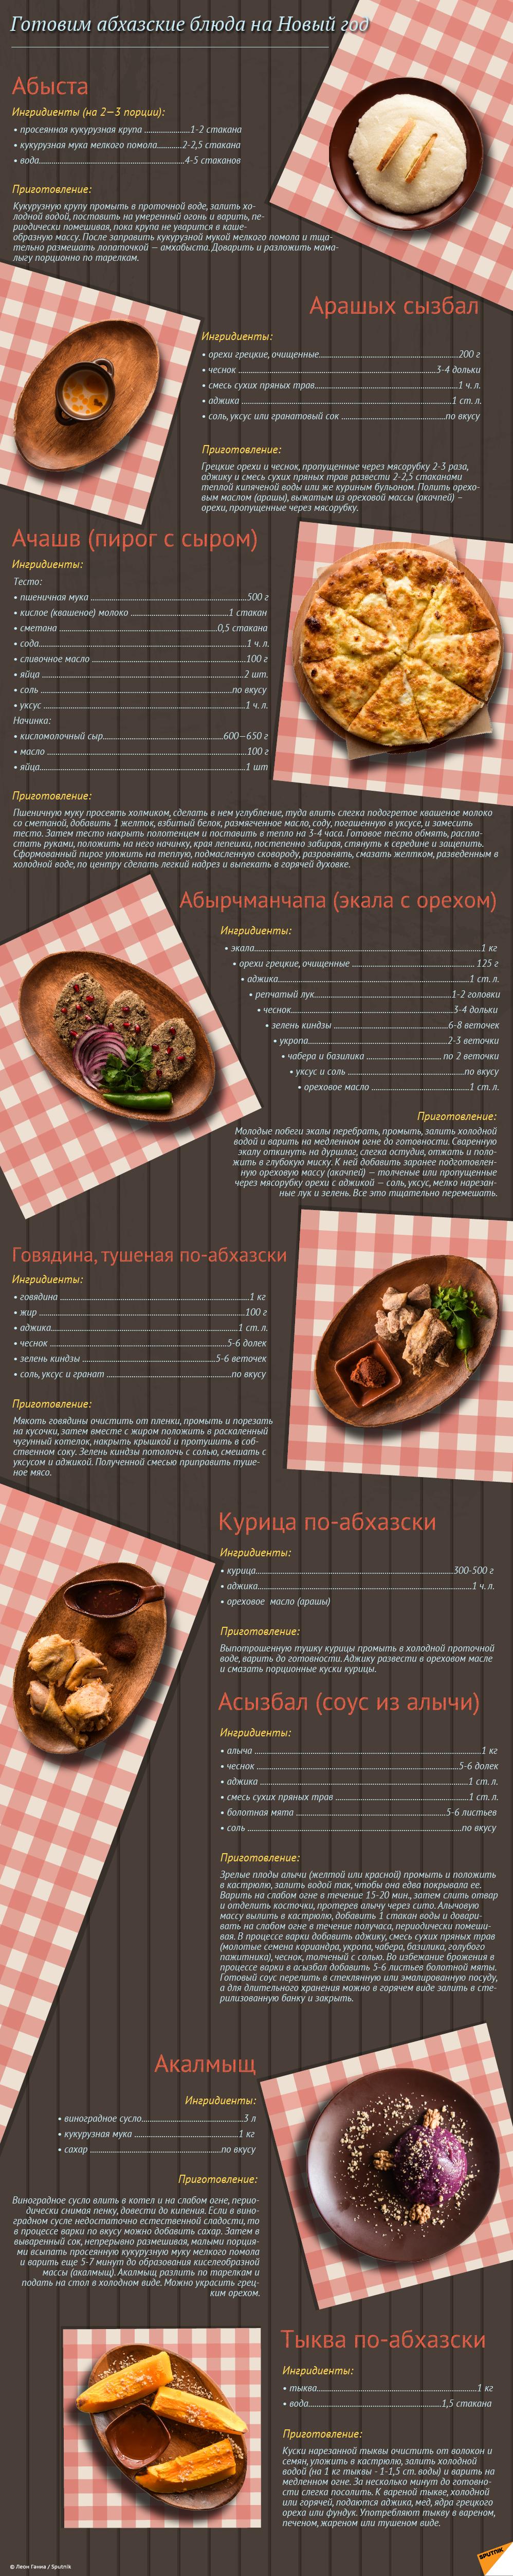 Готовим абхазские блюда на Новый год